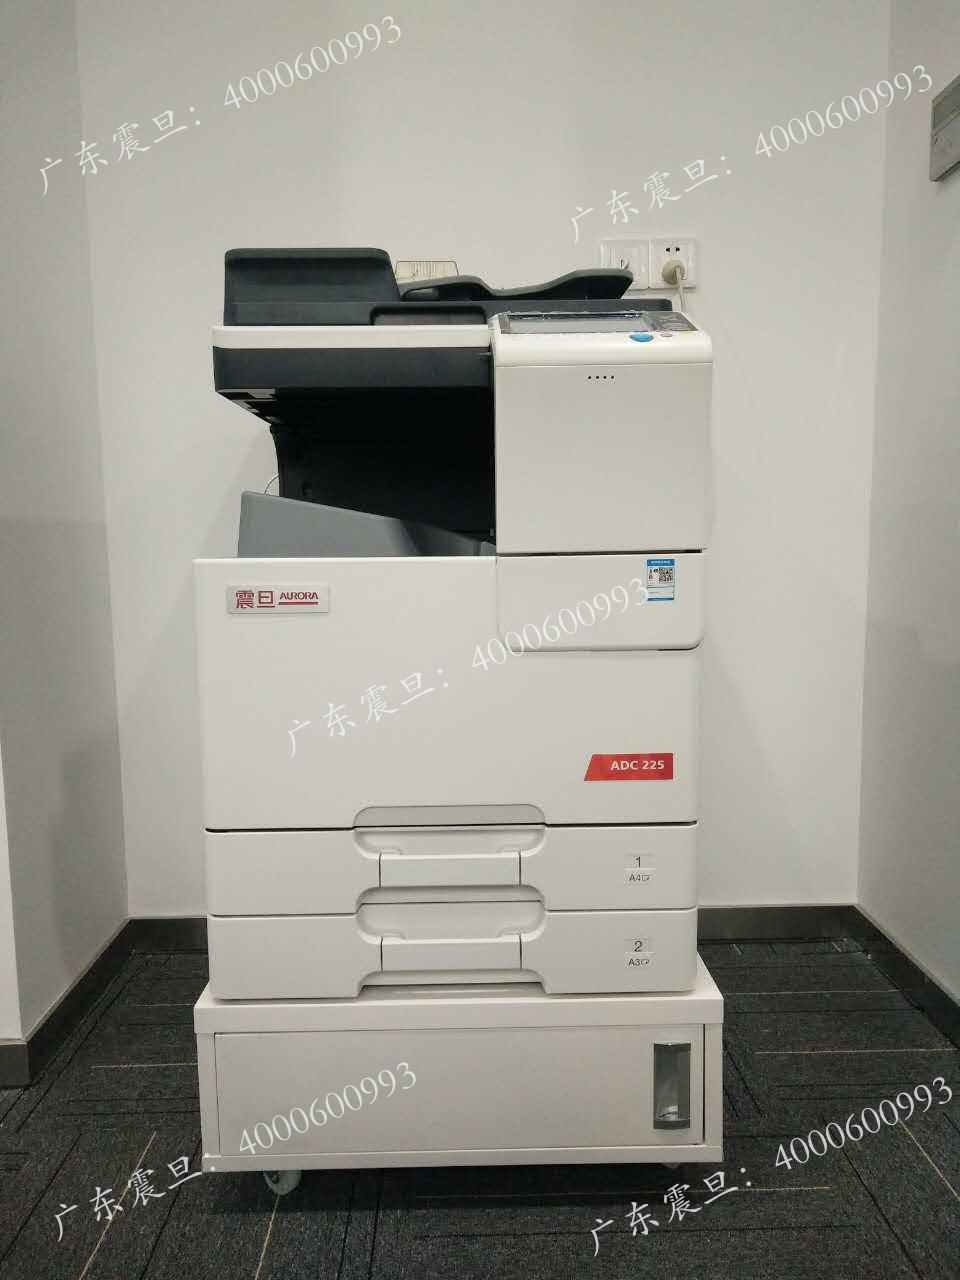 珠江新城某金融公司使用的震旦ADC225复印机